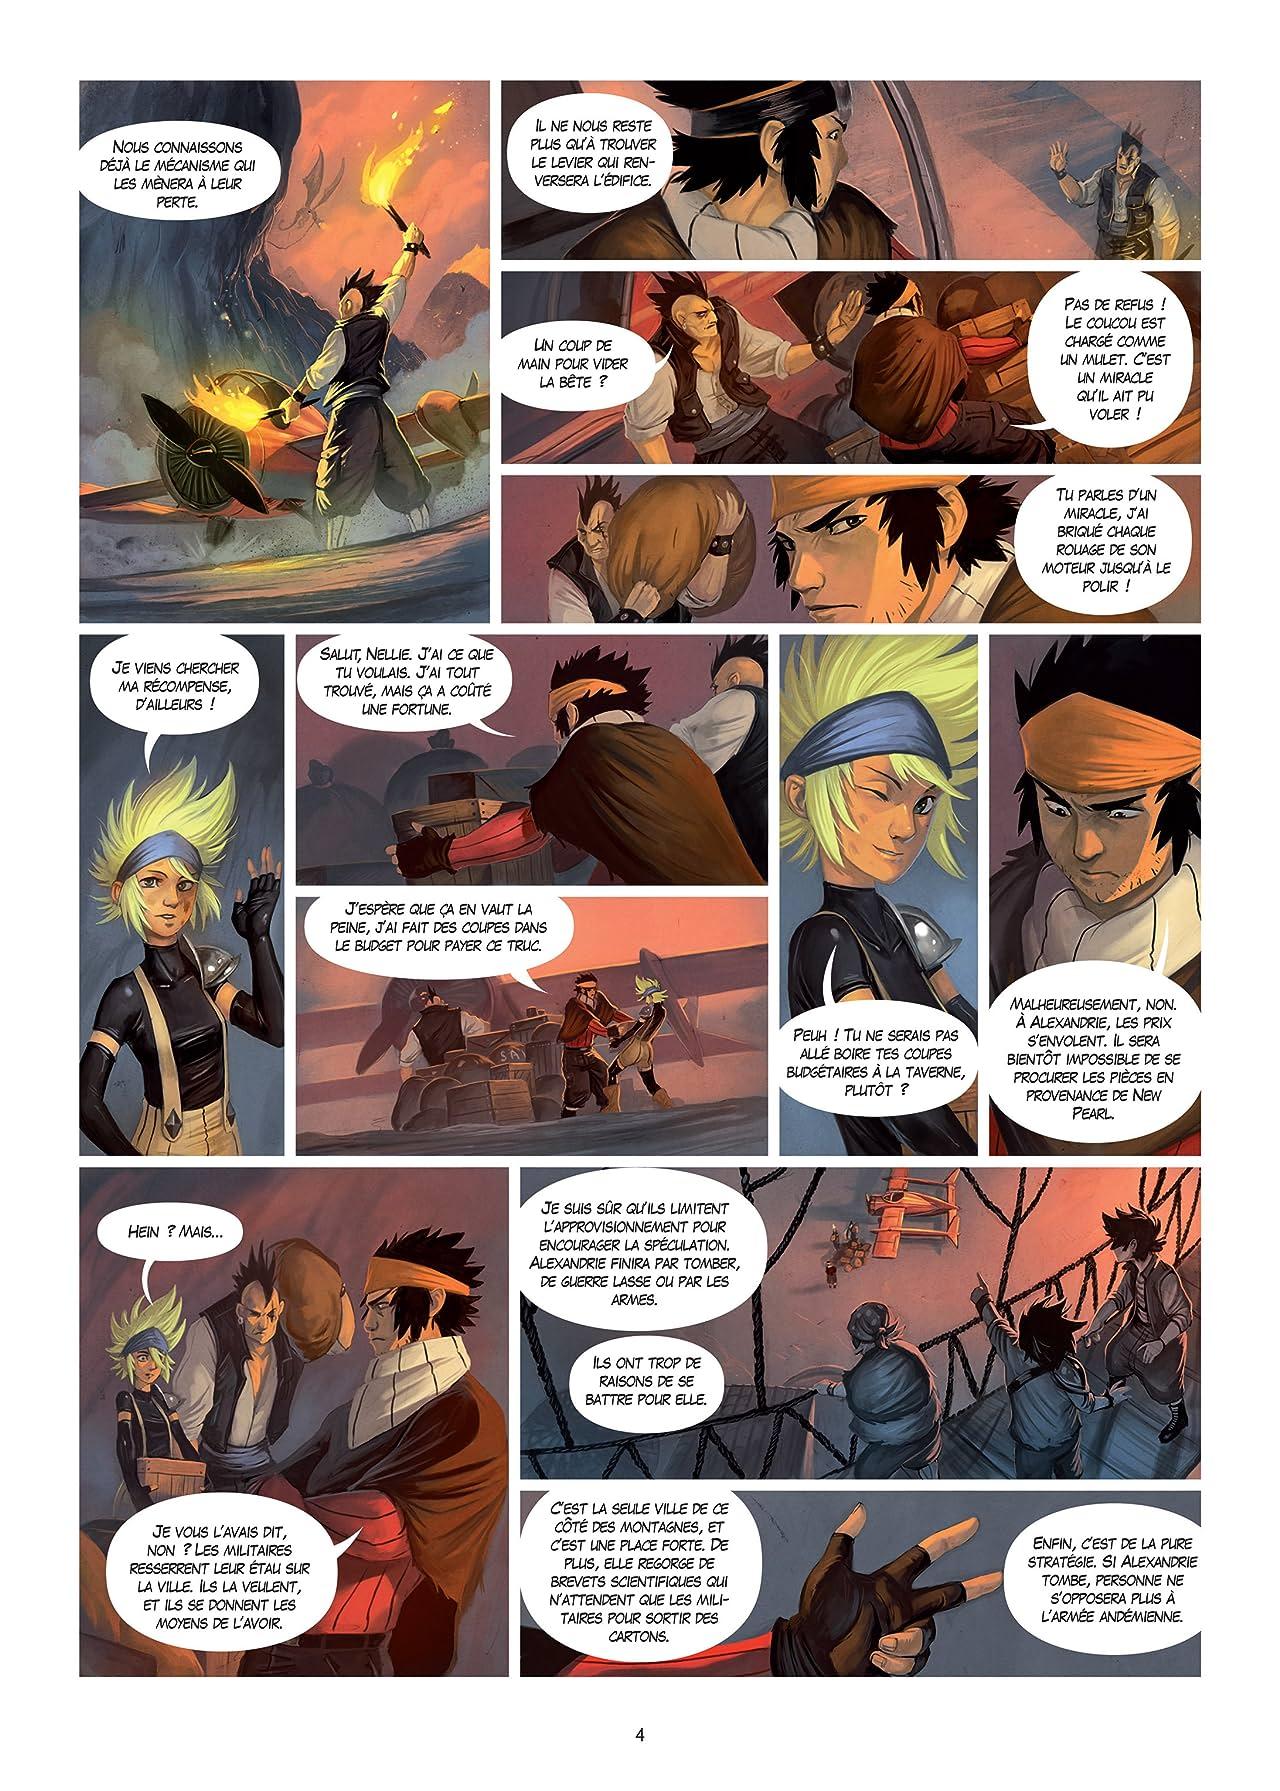 Le Soufflevent Vol. 2: Côtes pirates - Monts andémiens